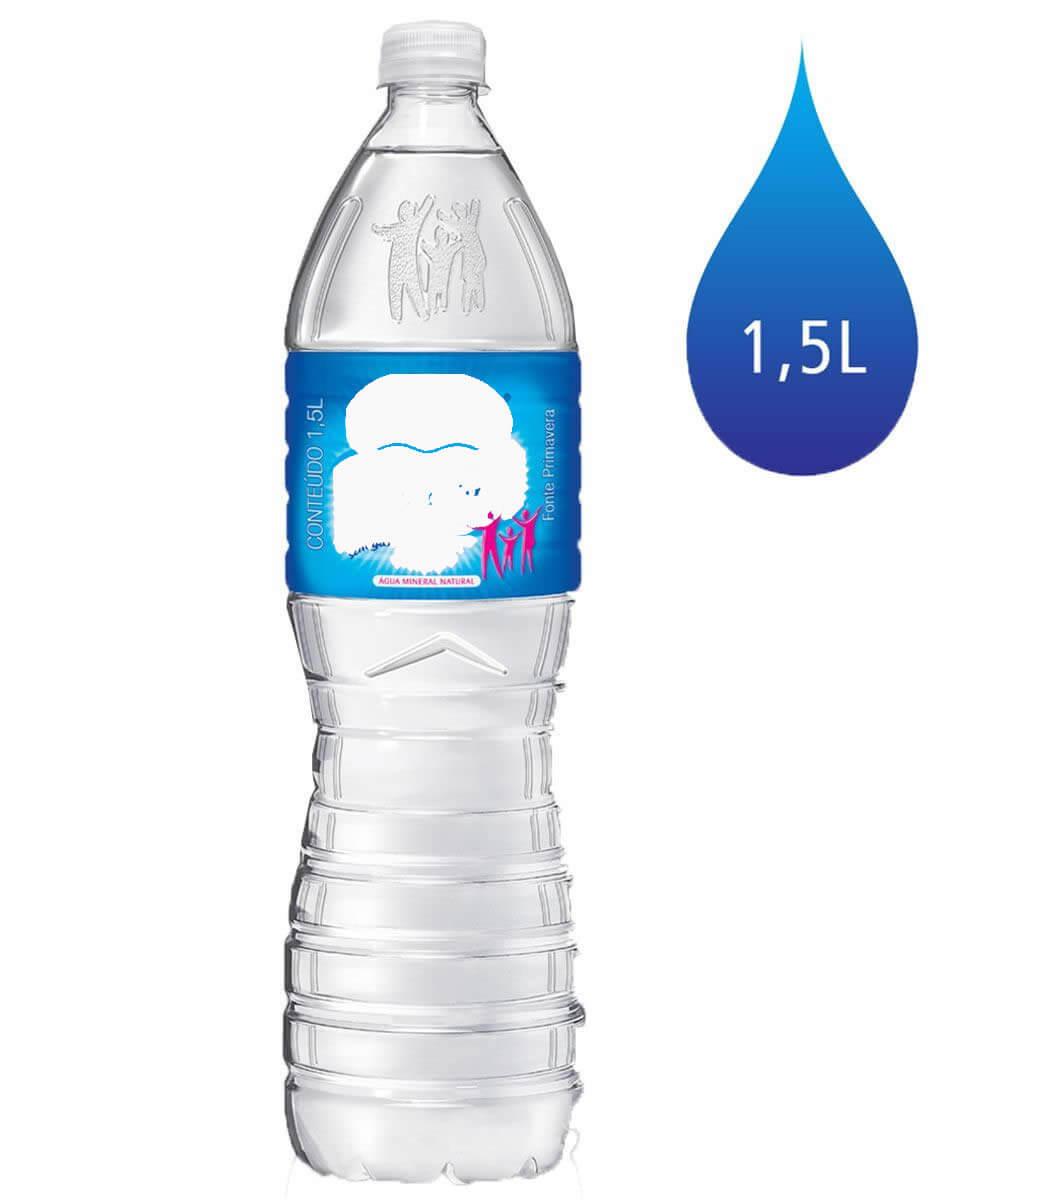 Grama litro metro c bico e ppm entenda for Piscina 8x4 cuantos litros